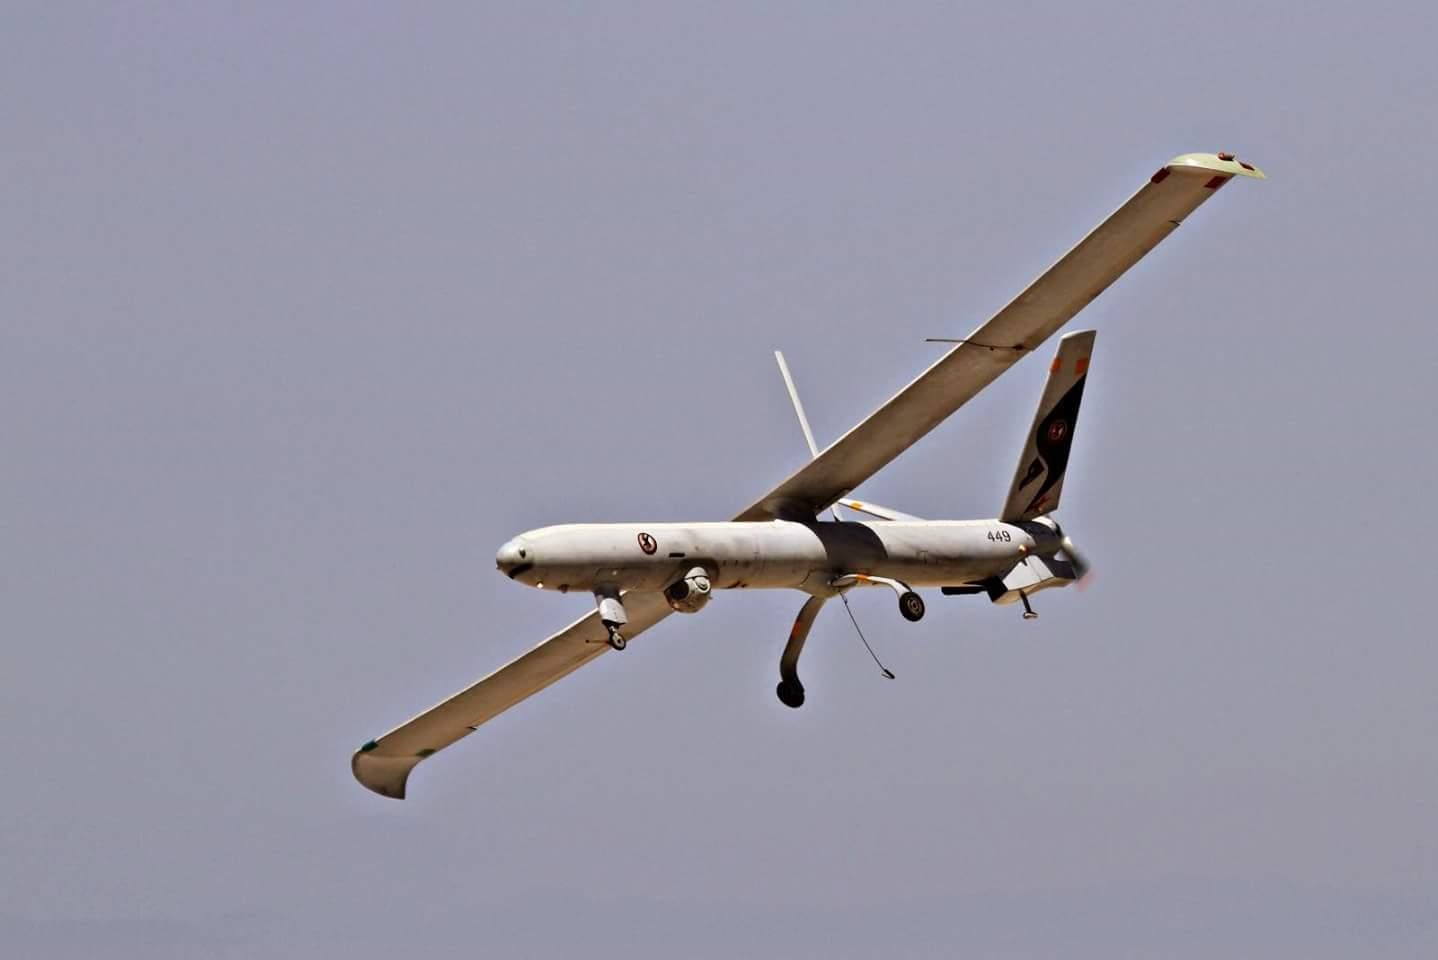 سقوط طائرة استطلاع عراقية شمال بغداد